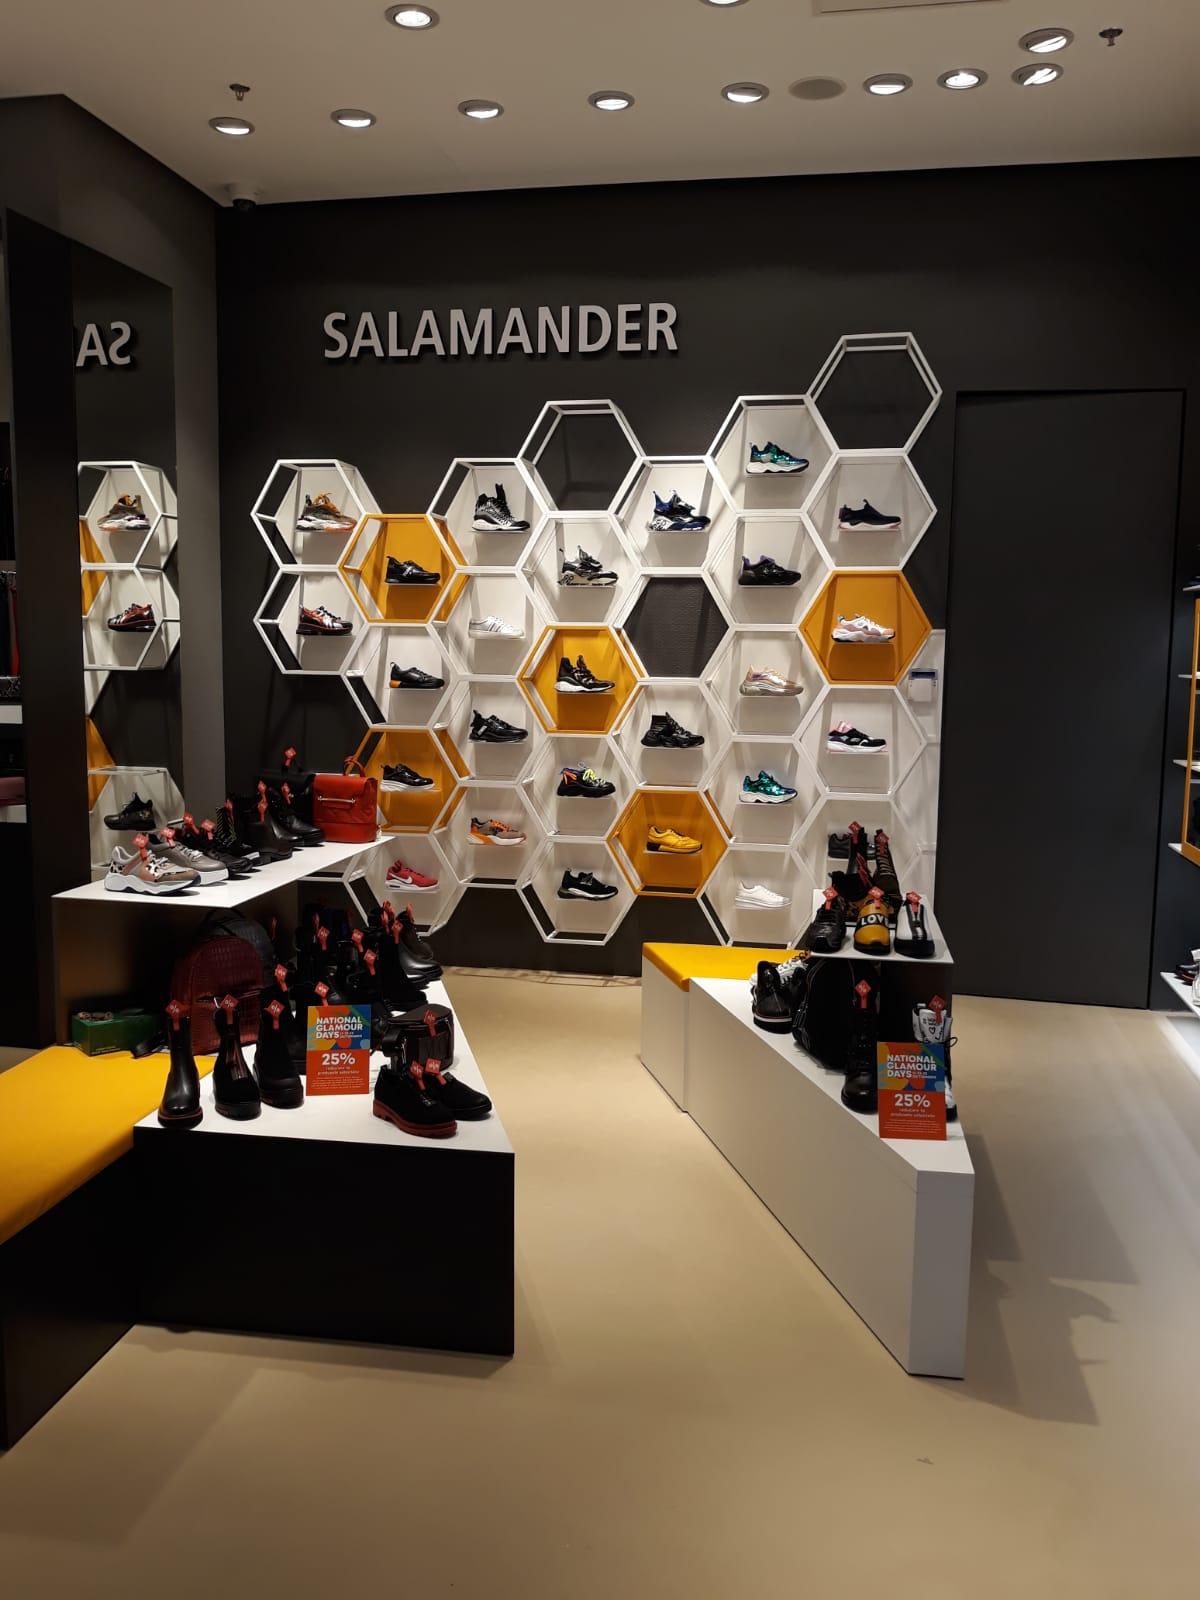 Click pentru a mari imaginea Salamander_Ploiesti Shopping City.jpg